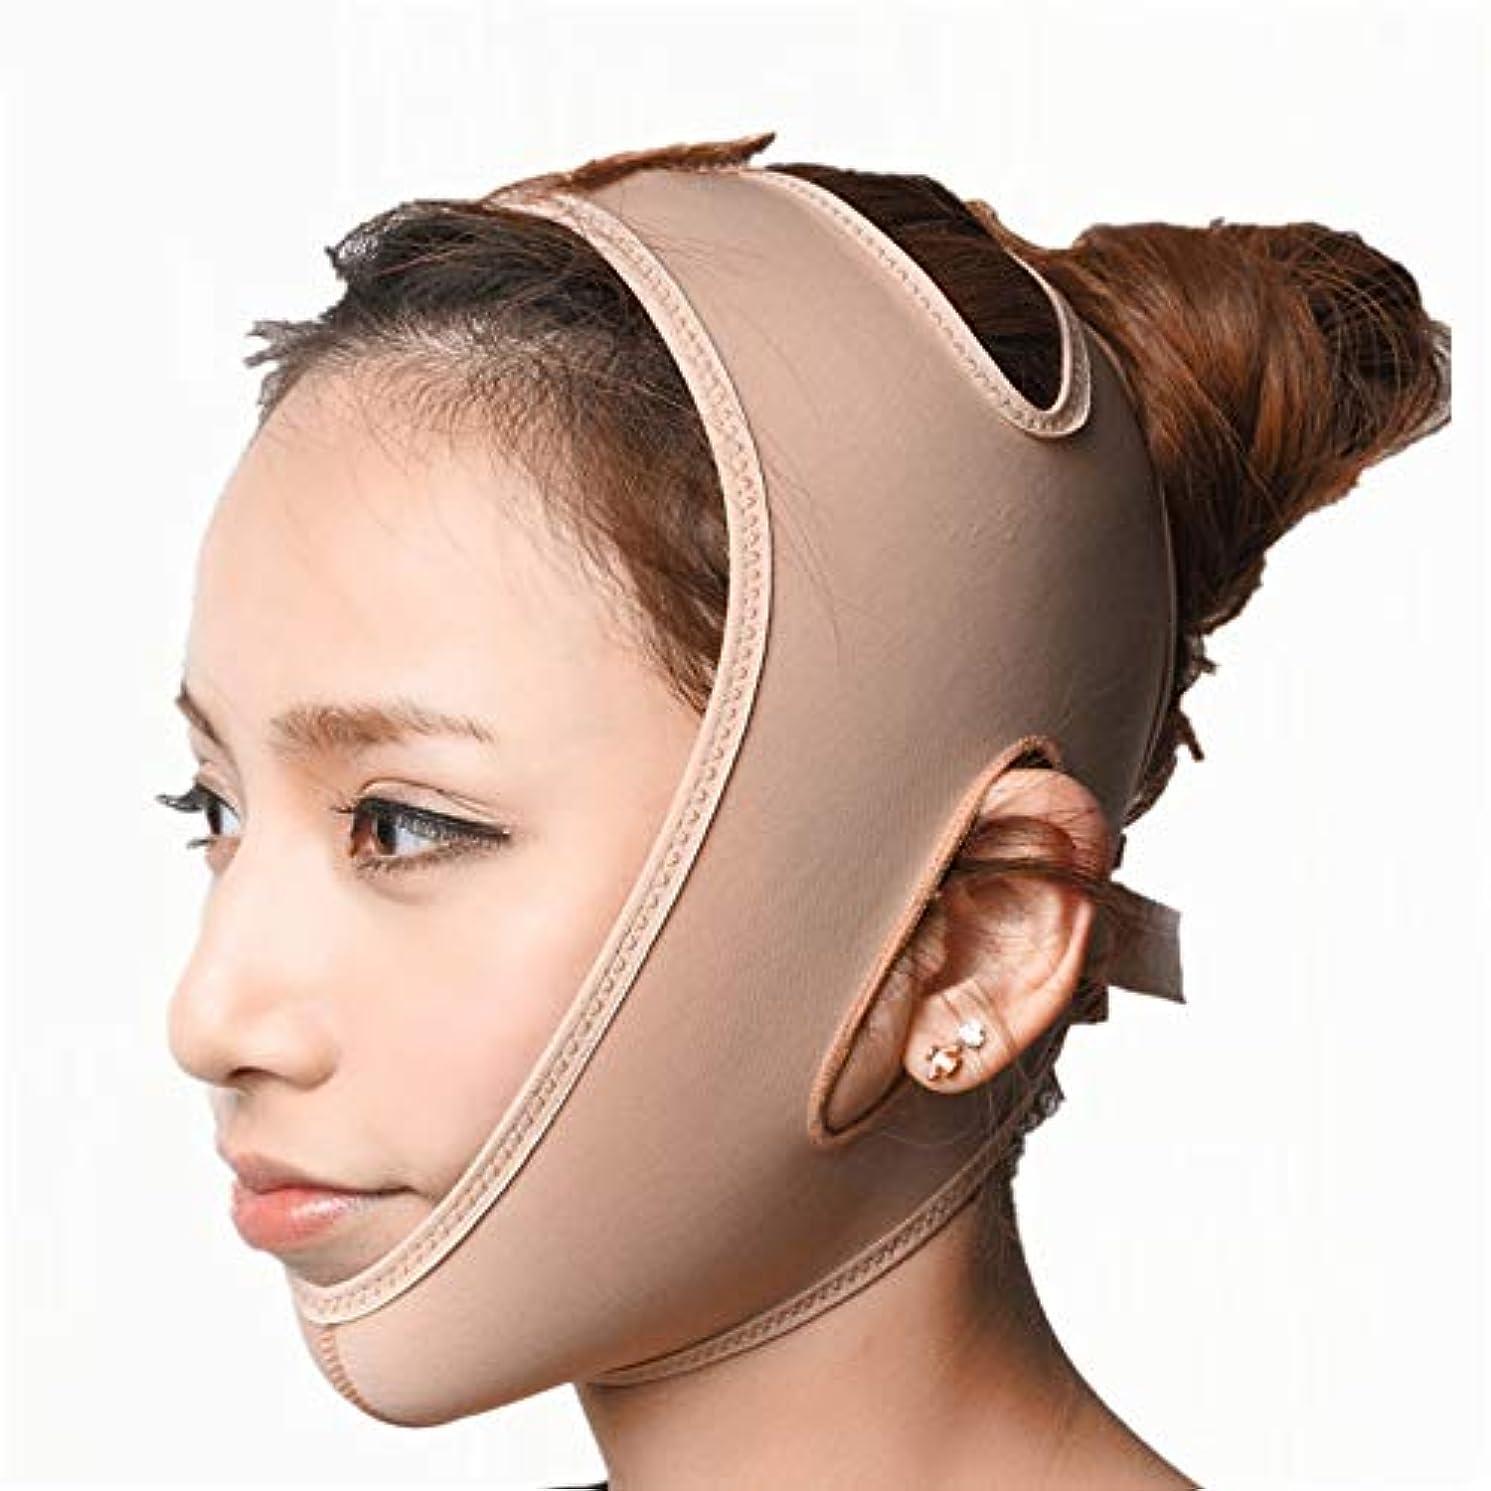 代数的フォーラム実行BS 顔の持ち上がる痩身ベルト - アンチエイジングリンクルフェイスマスクベルトシンフェイス包帯整形マスクは顔と首を締めますフェイススリム フェイスリフティングアーティファクト (Size : L)